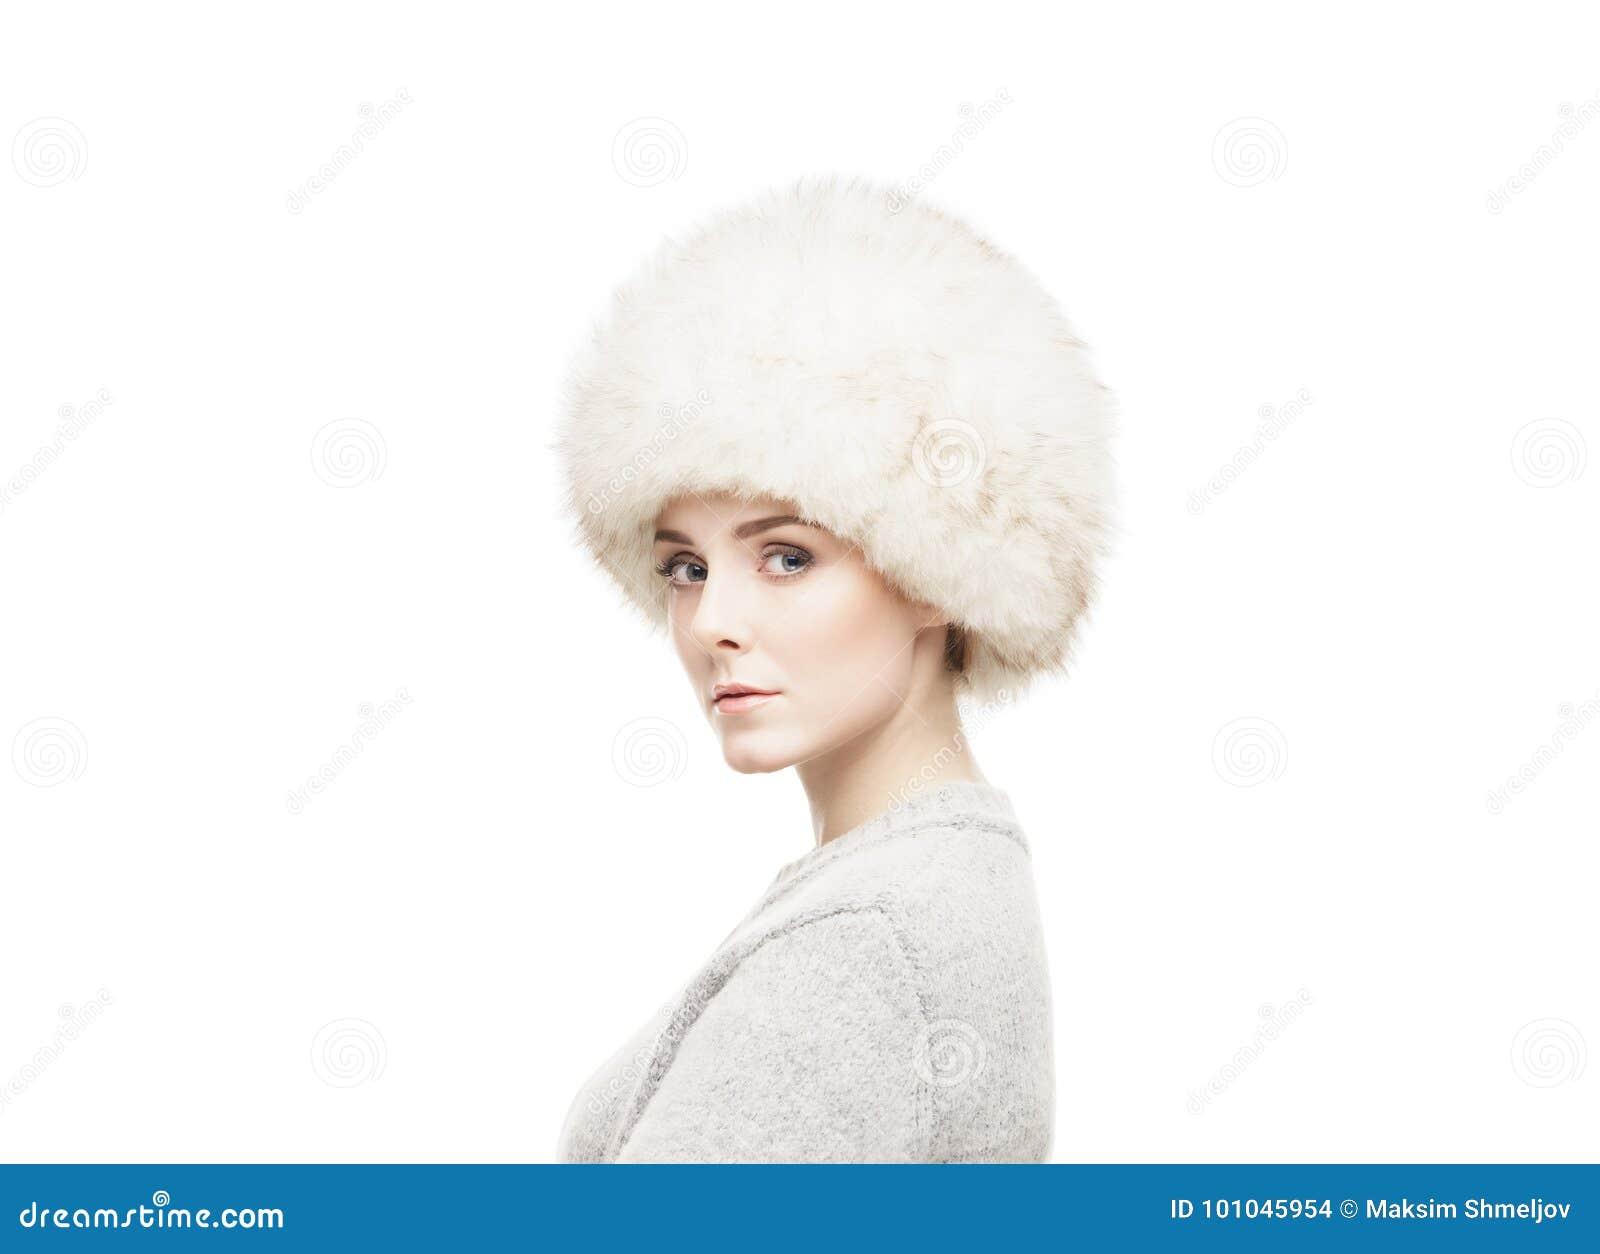 Ritratto di un giovane e donna molto bella in un cappello di inverno isolato  su bianco 072f494792f2